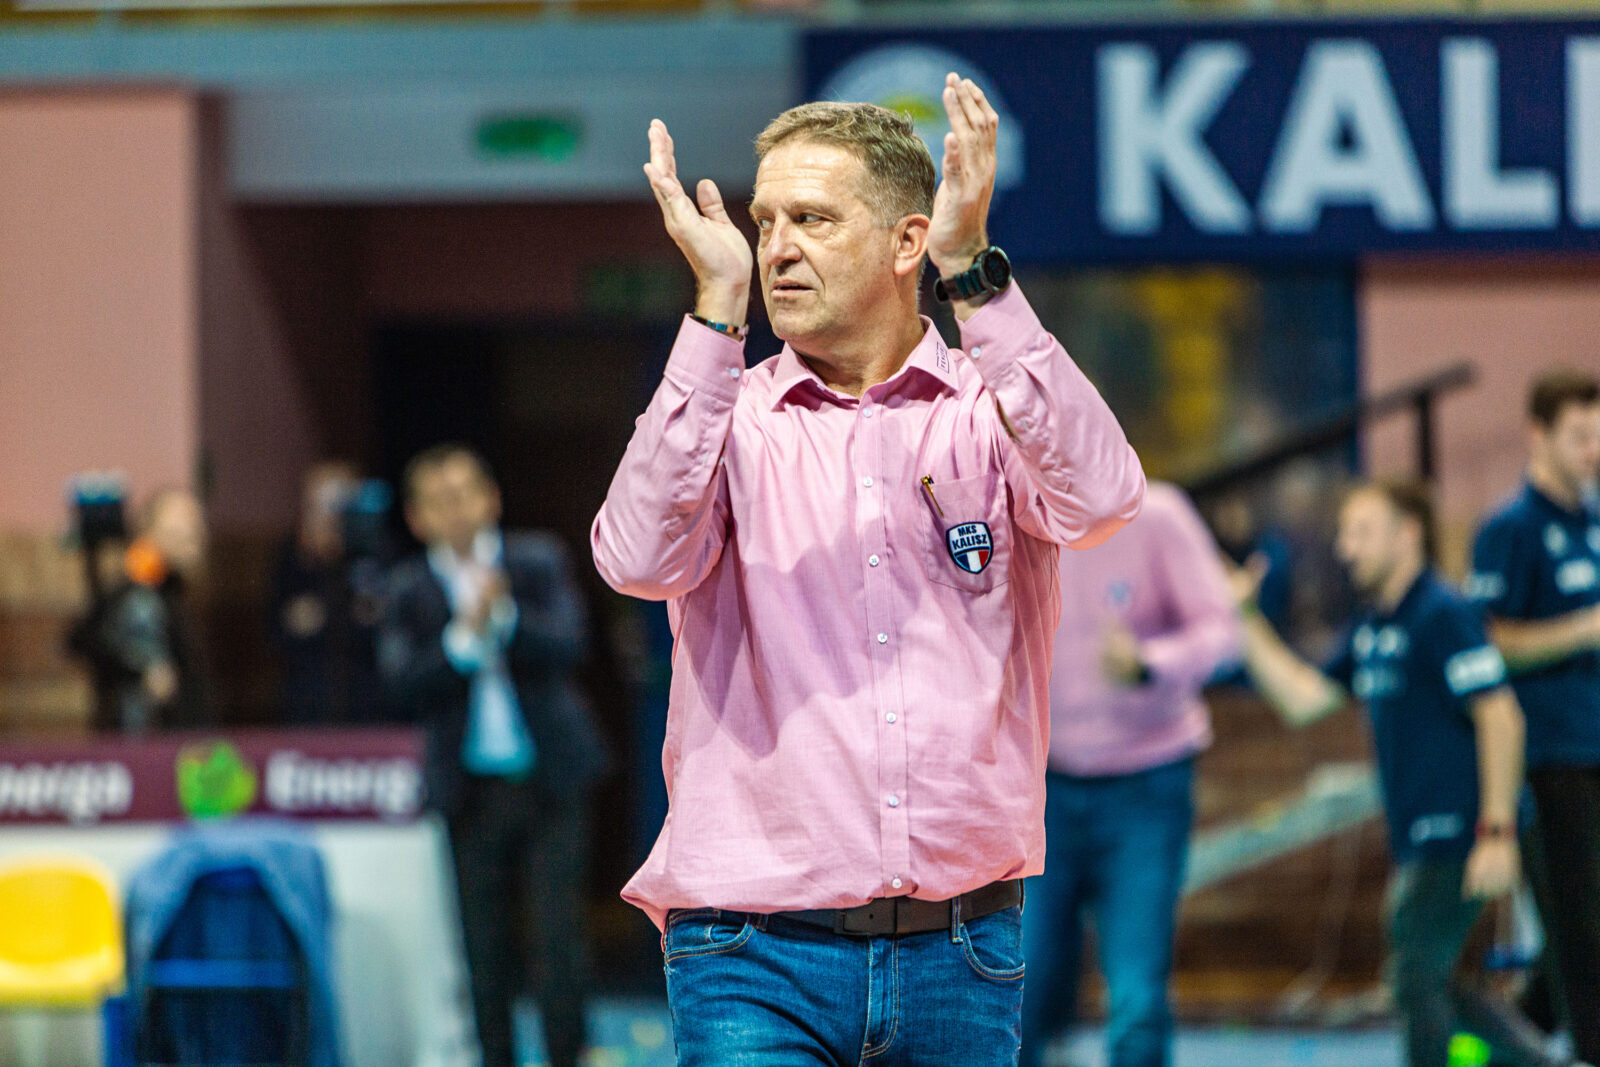 Trener Jacek Pasiński po zwycięstwie z Volleyem Wrocław / fot. Michał Rabiega